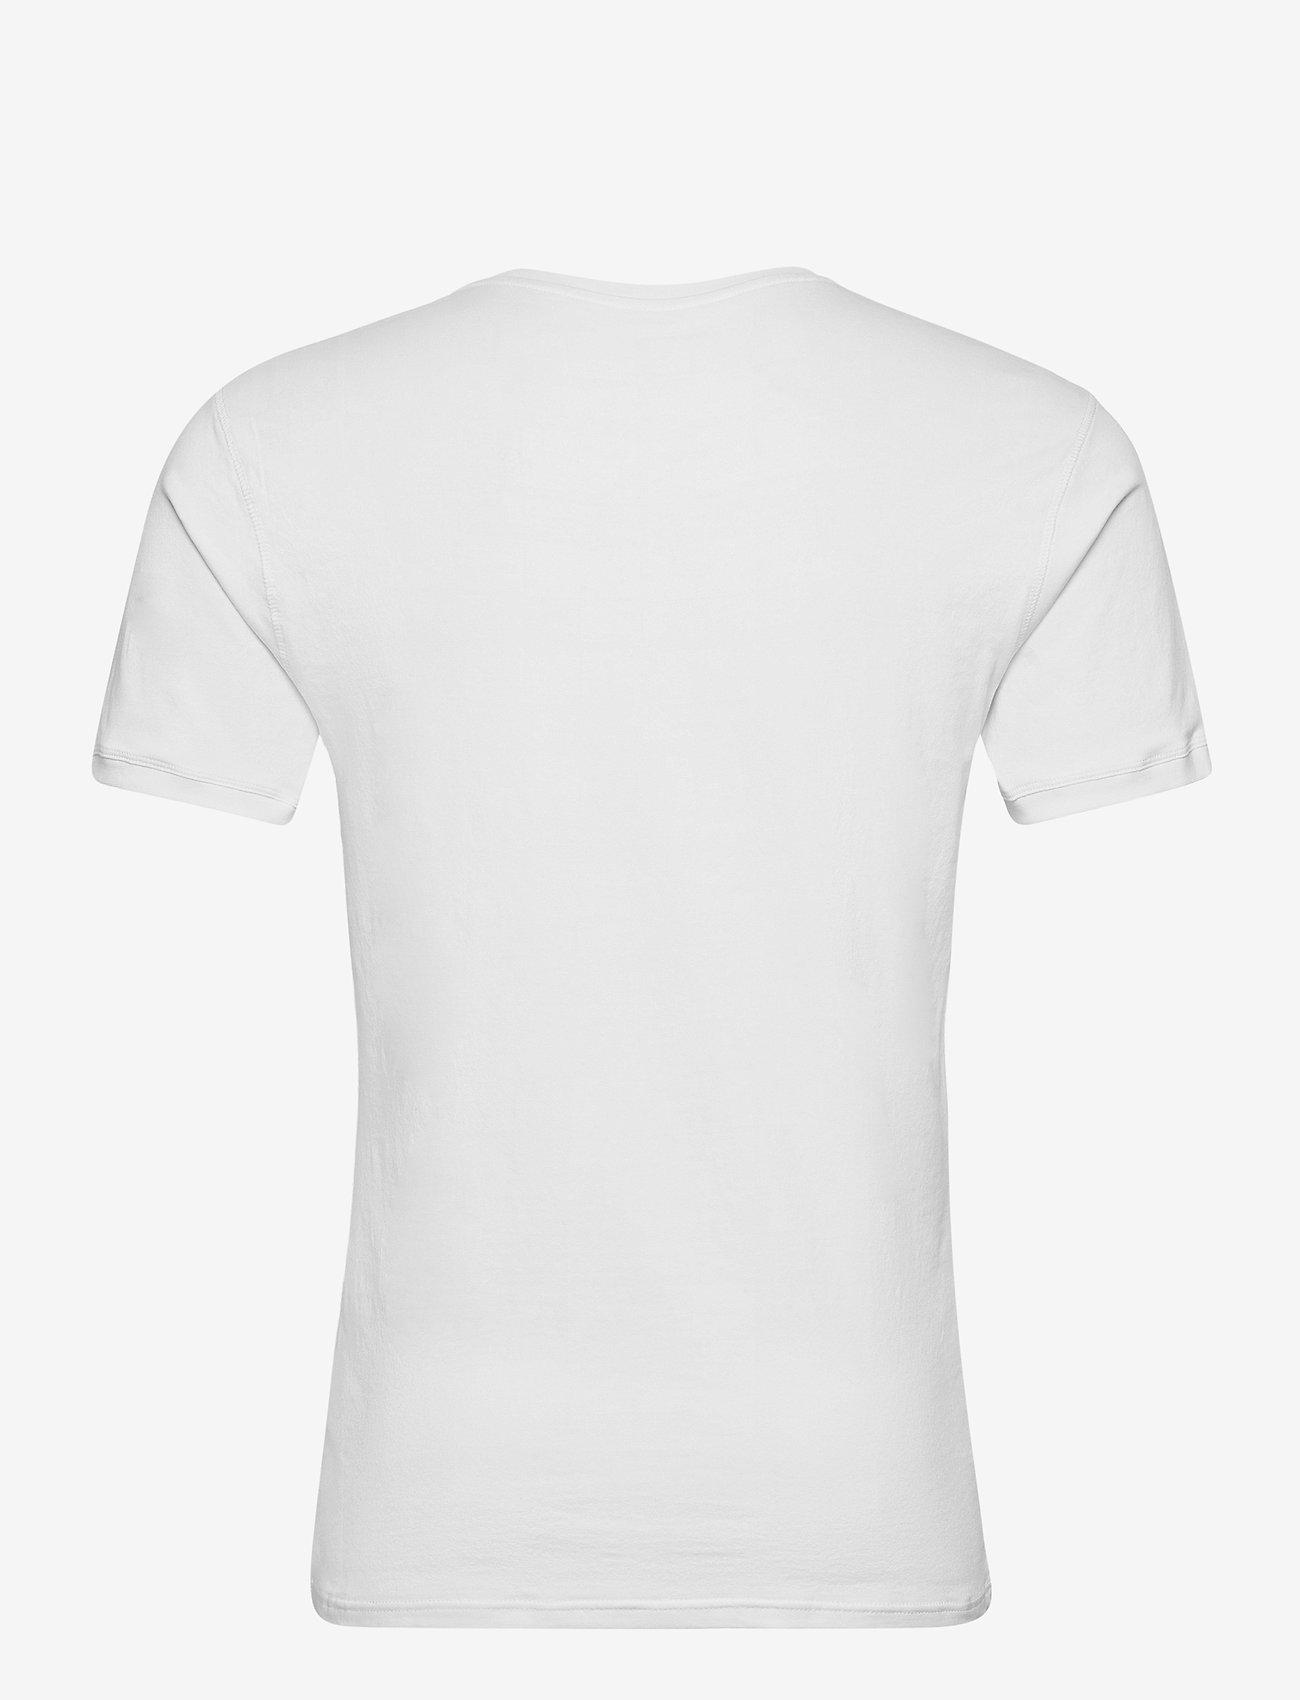 Tiger of Sweden - HEIMDALL - kortermede t-skjorter - pure white - 1